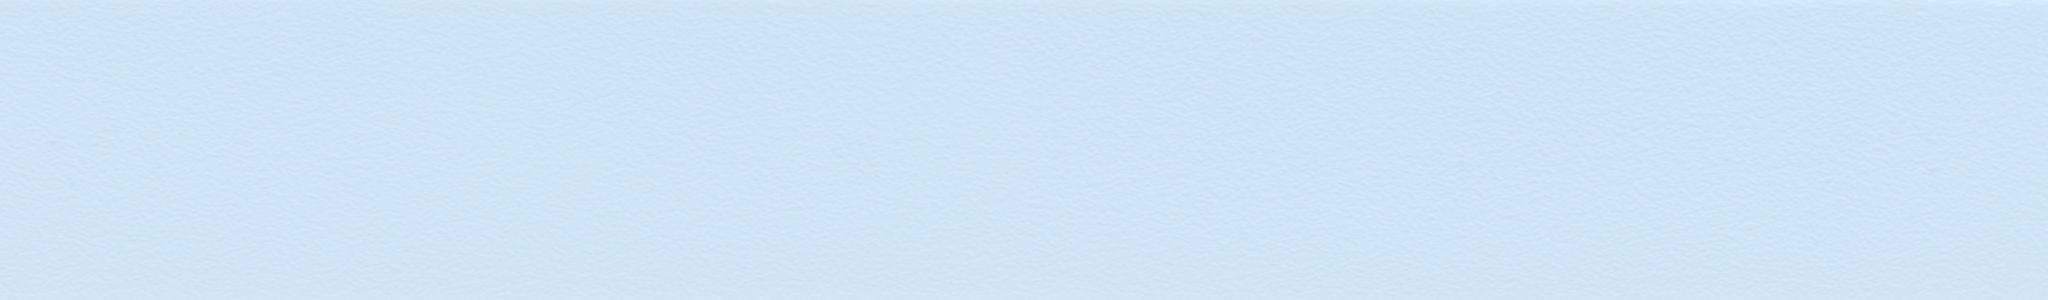 HU 15522 кромка ABS синяя жемчуг XG